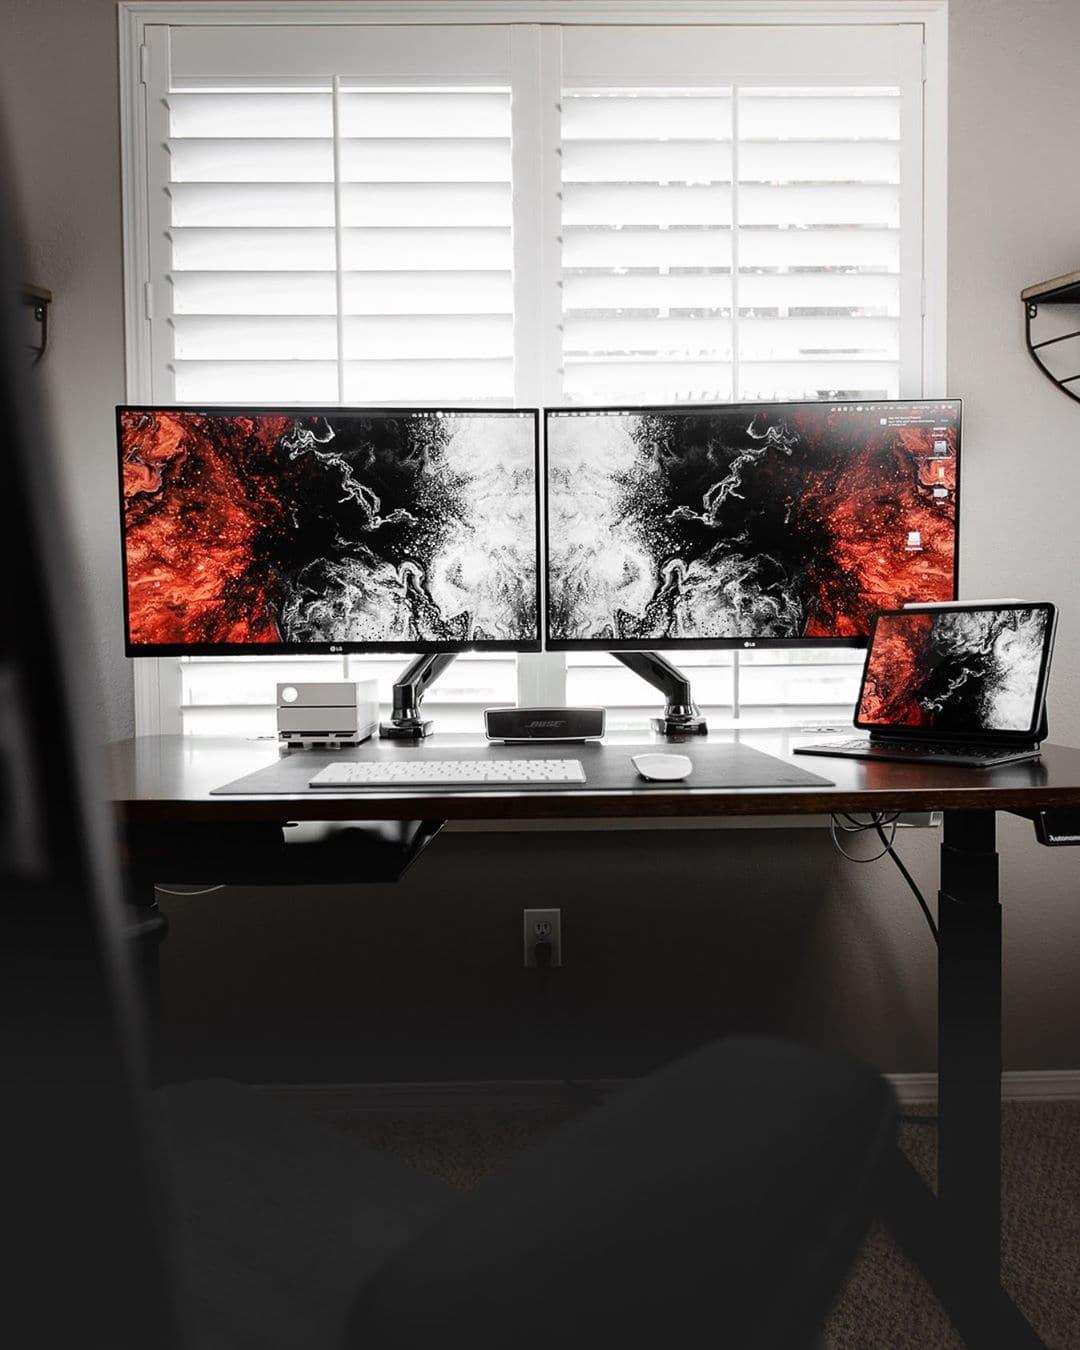 MacBok Pro Setup